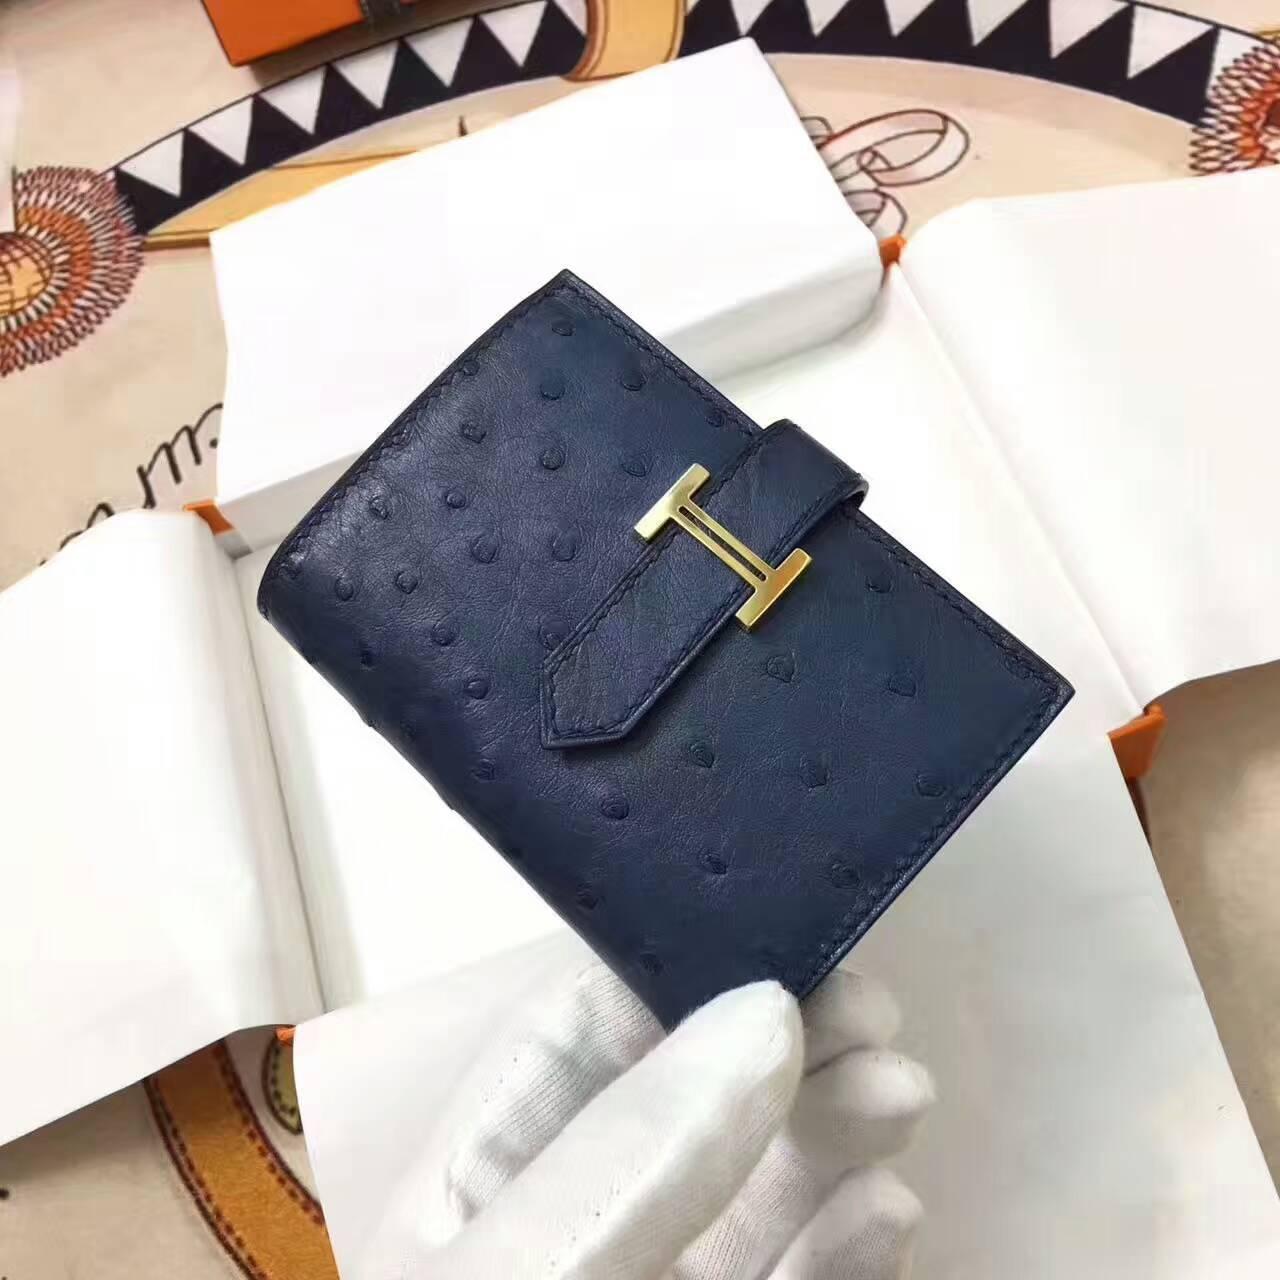 爱马仕卡包 鸵鸟皮 深宝石蓝 金扣 手工蜡线 时尚又实用